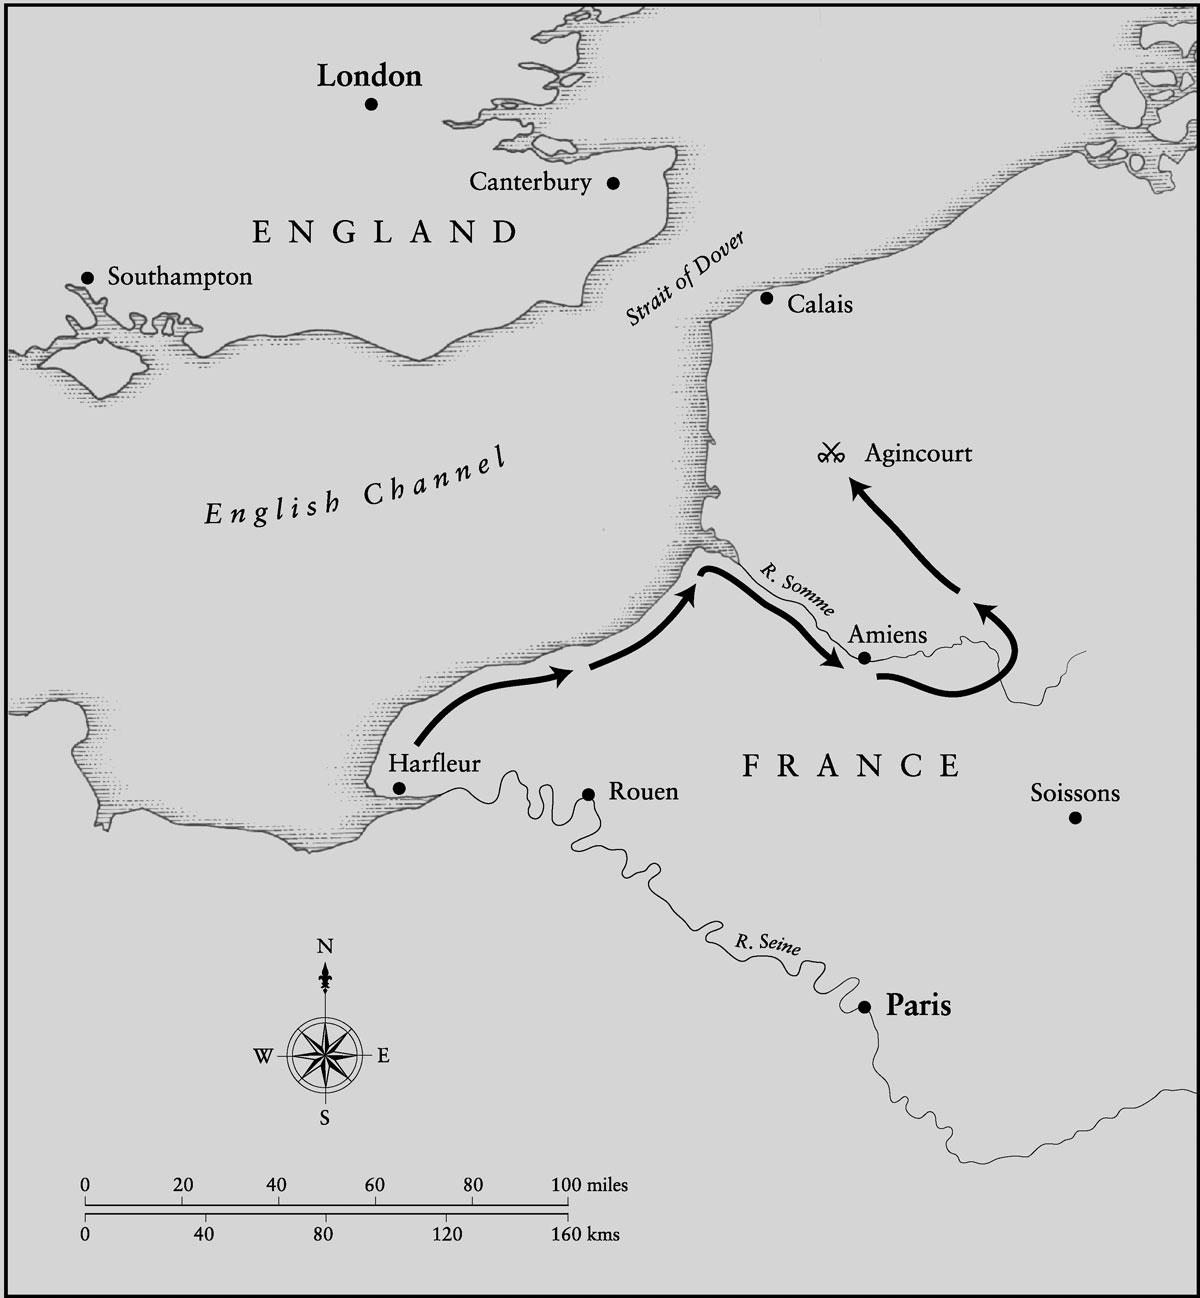 Rota de Henrique V passando por Harfleur até Azincourt